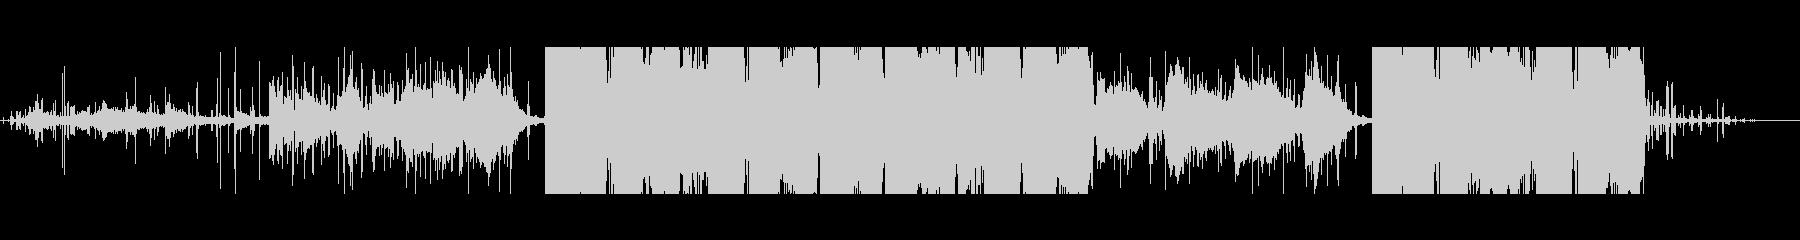 ピアノバー、フォーク、ソフトの未再生の波形